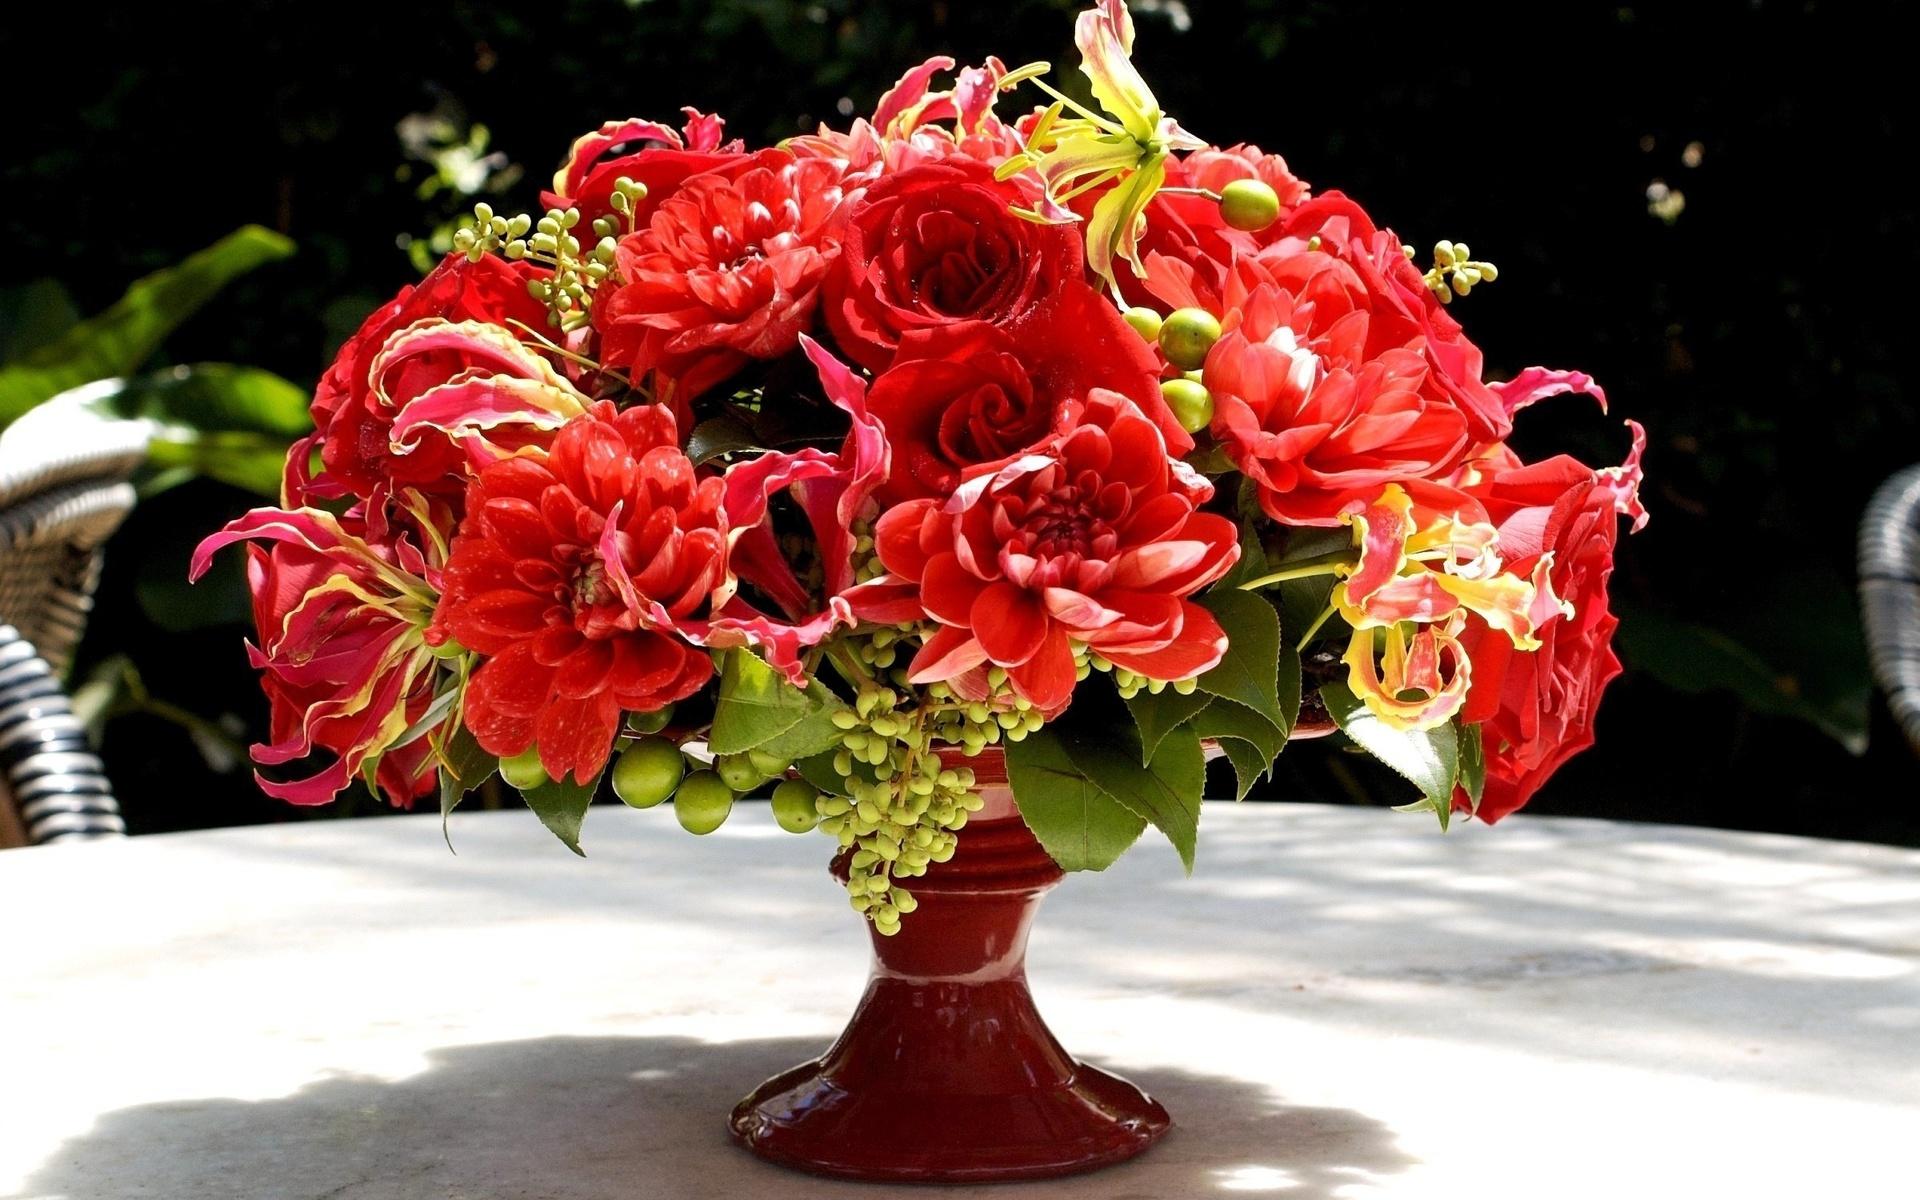 Самые красивые цветы букеты в мире, цветов магдагачи доставка